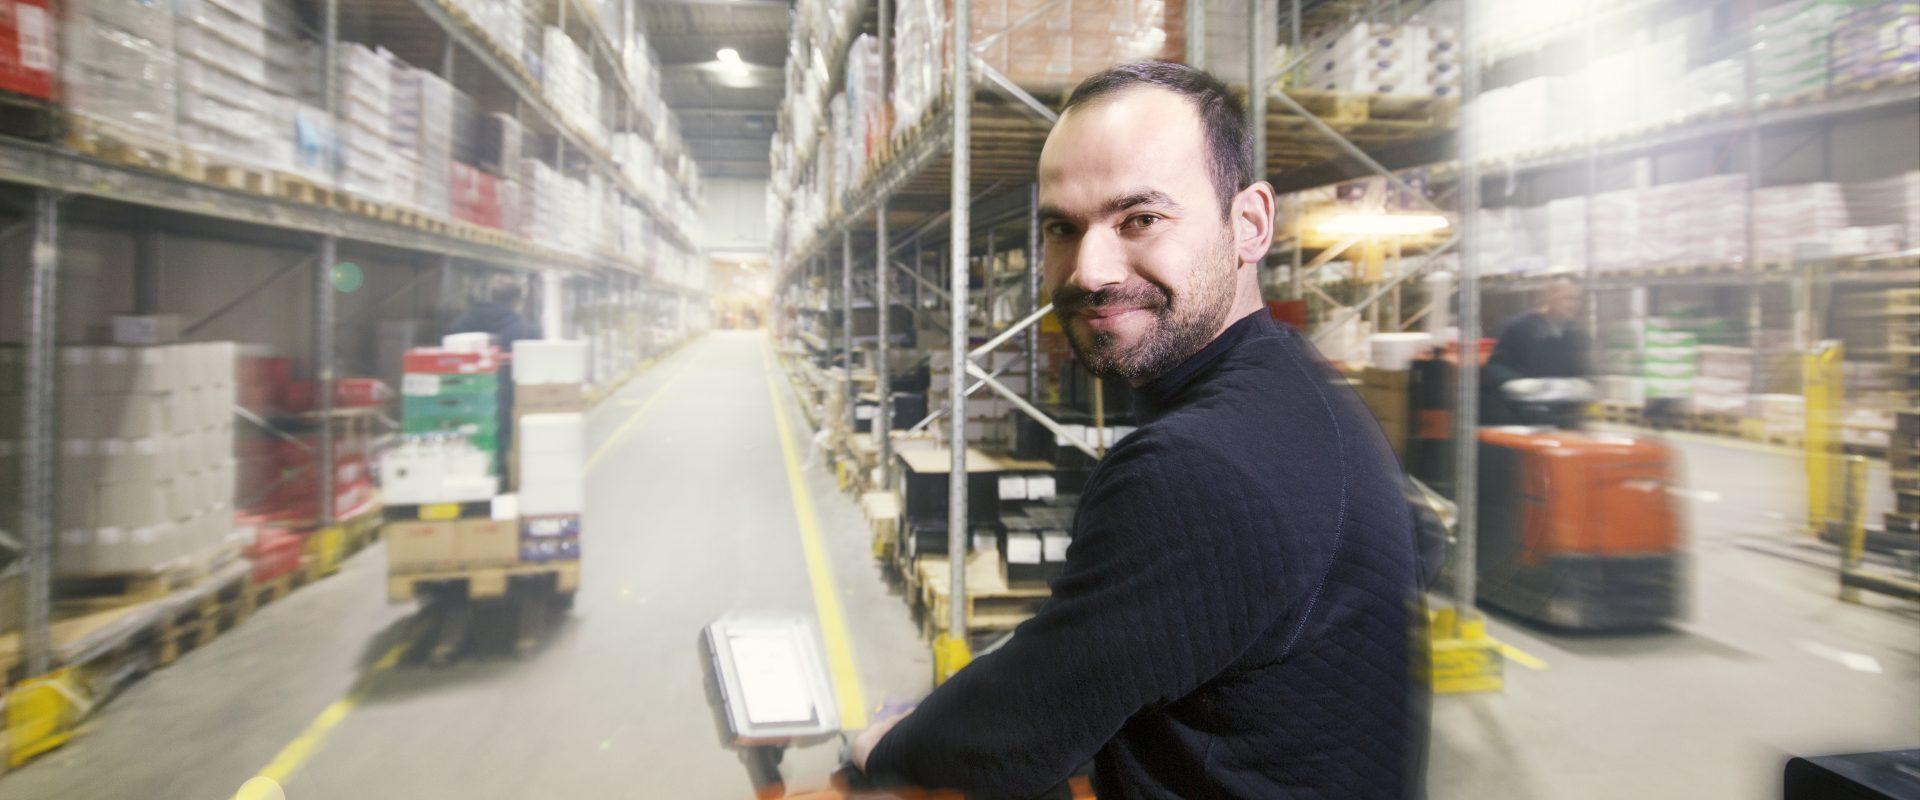 Lagermedarbejder-dagrofa-logistik